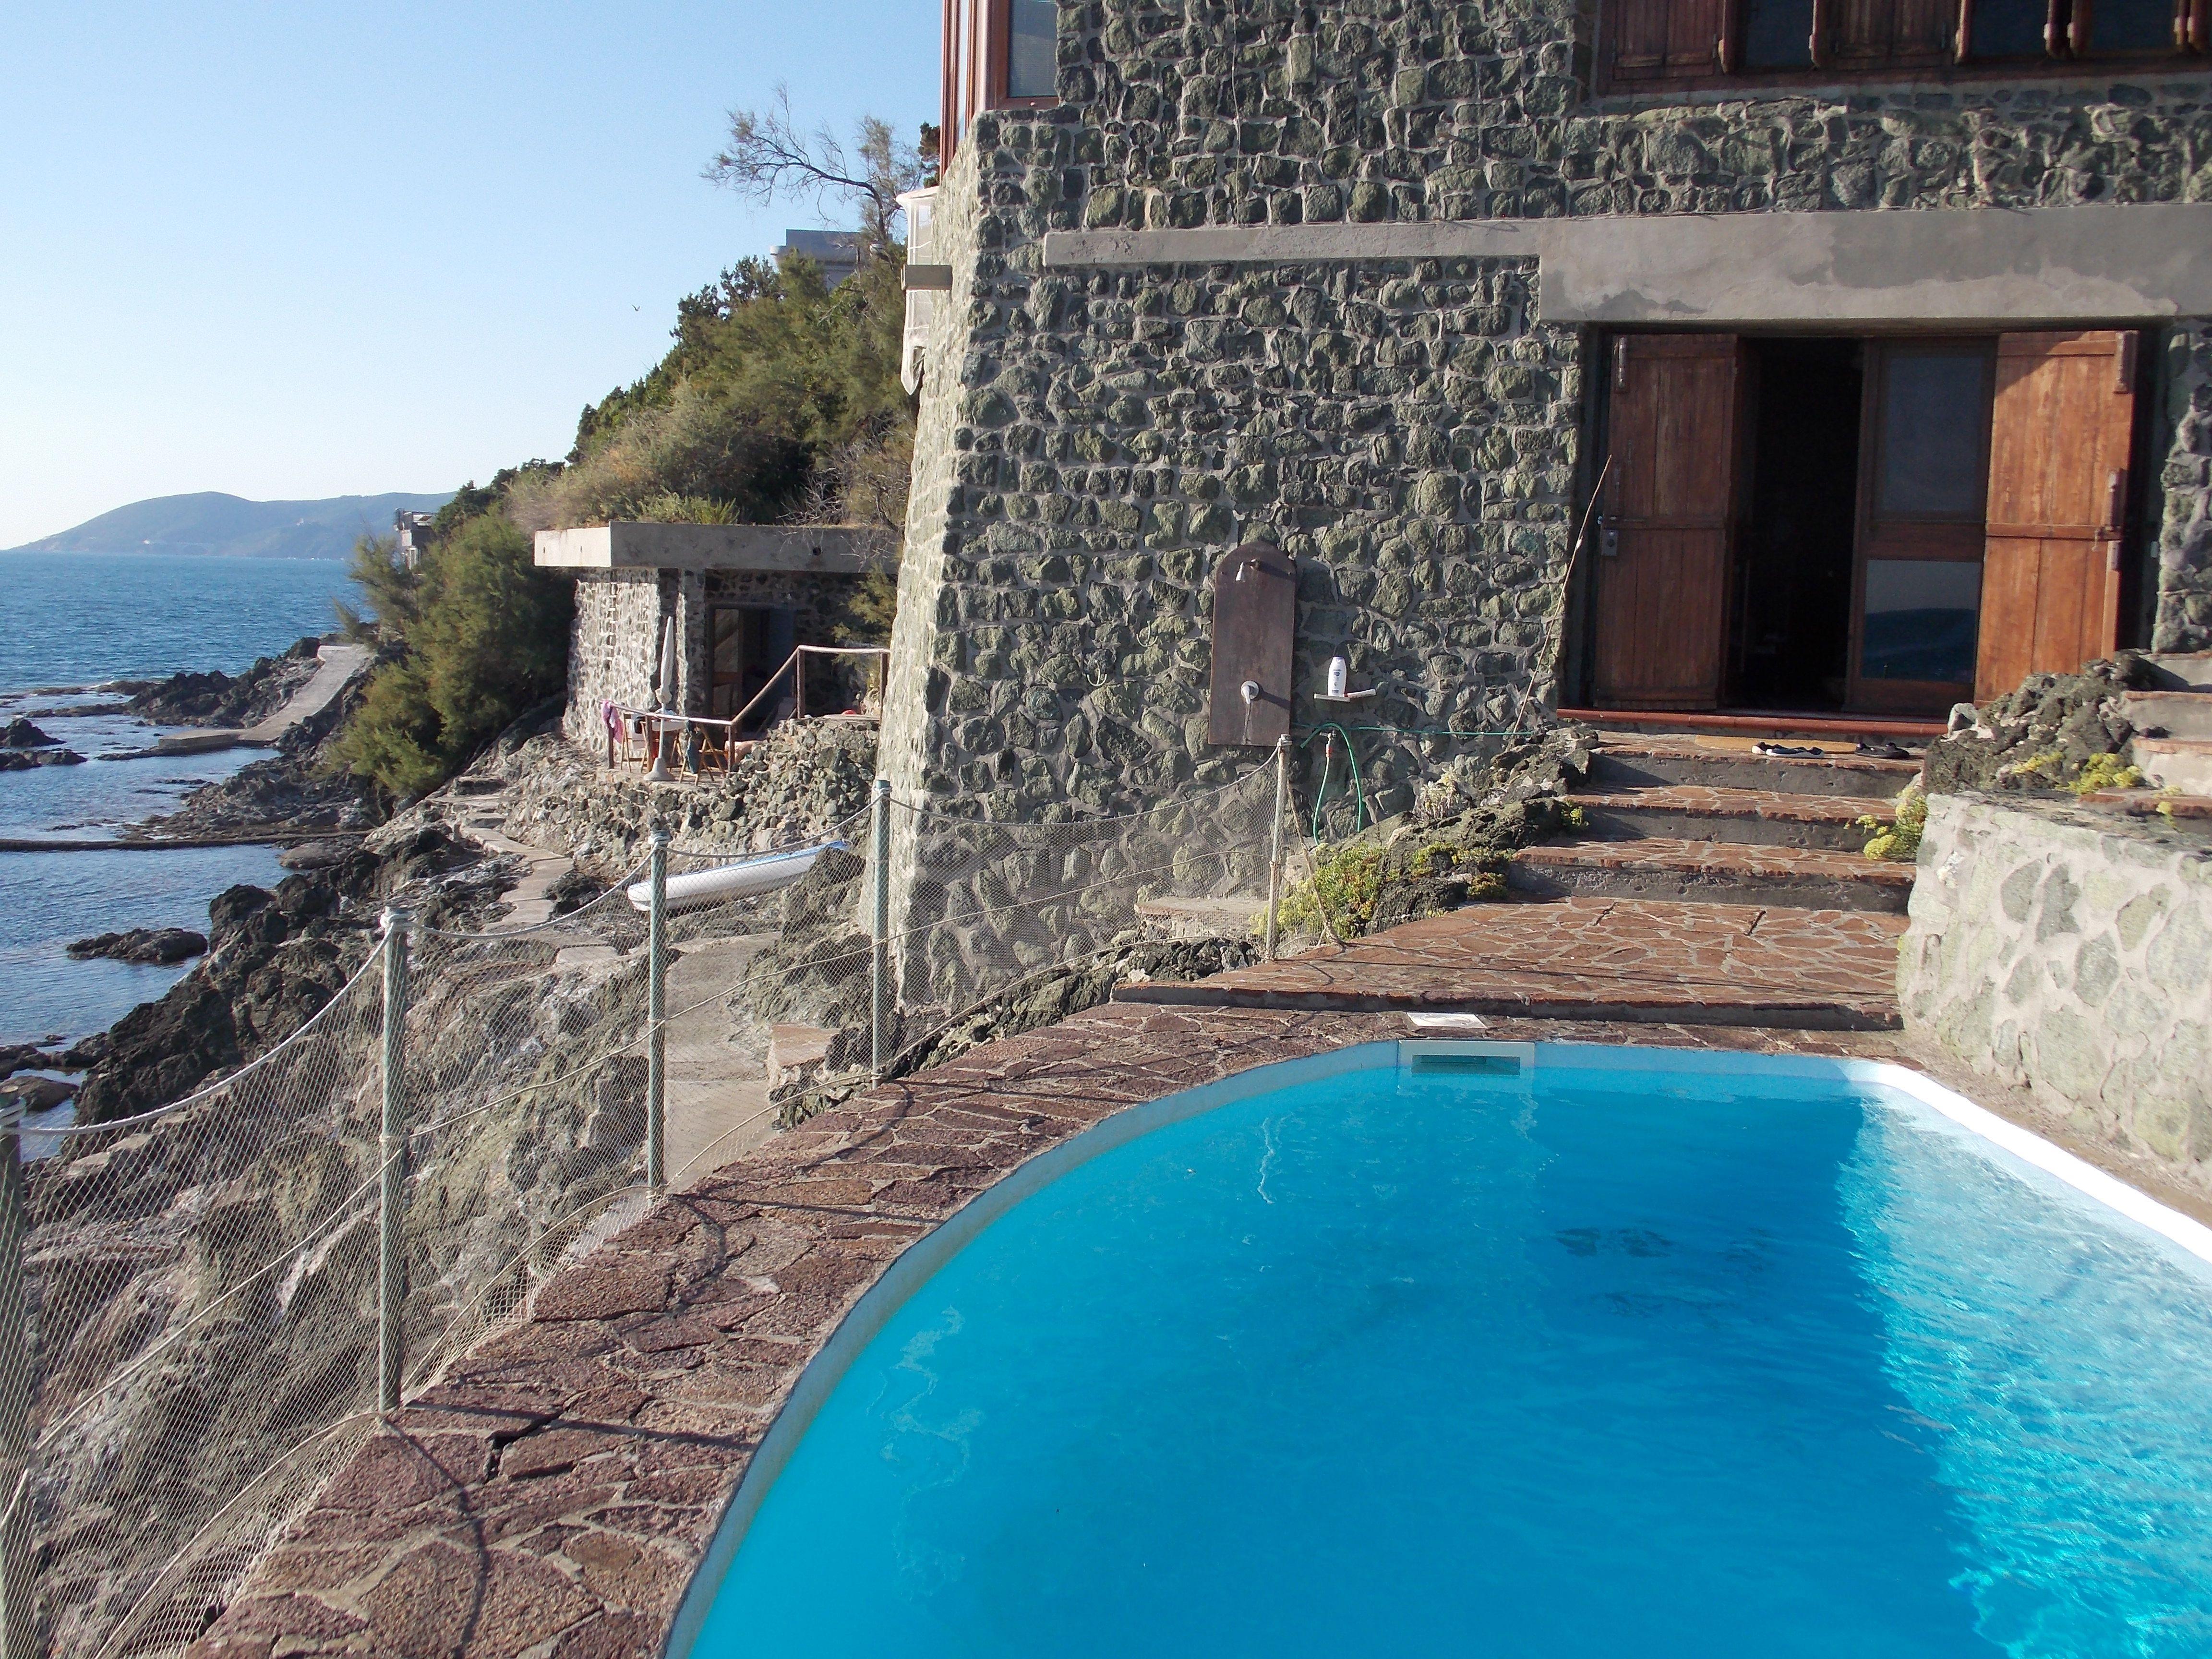 Villa con piscina a picco sul mare a Castiglioncello